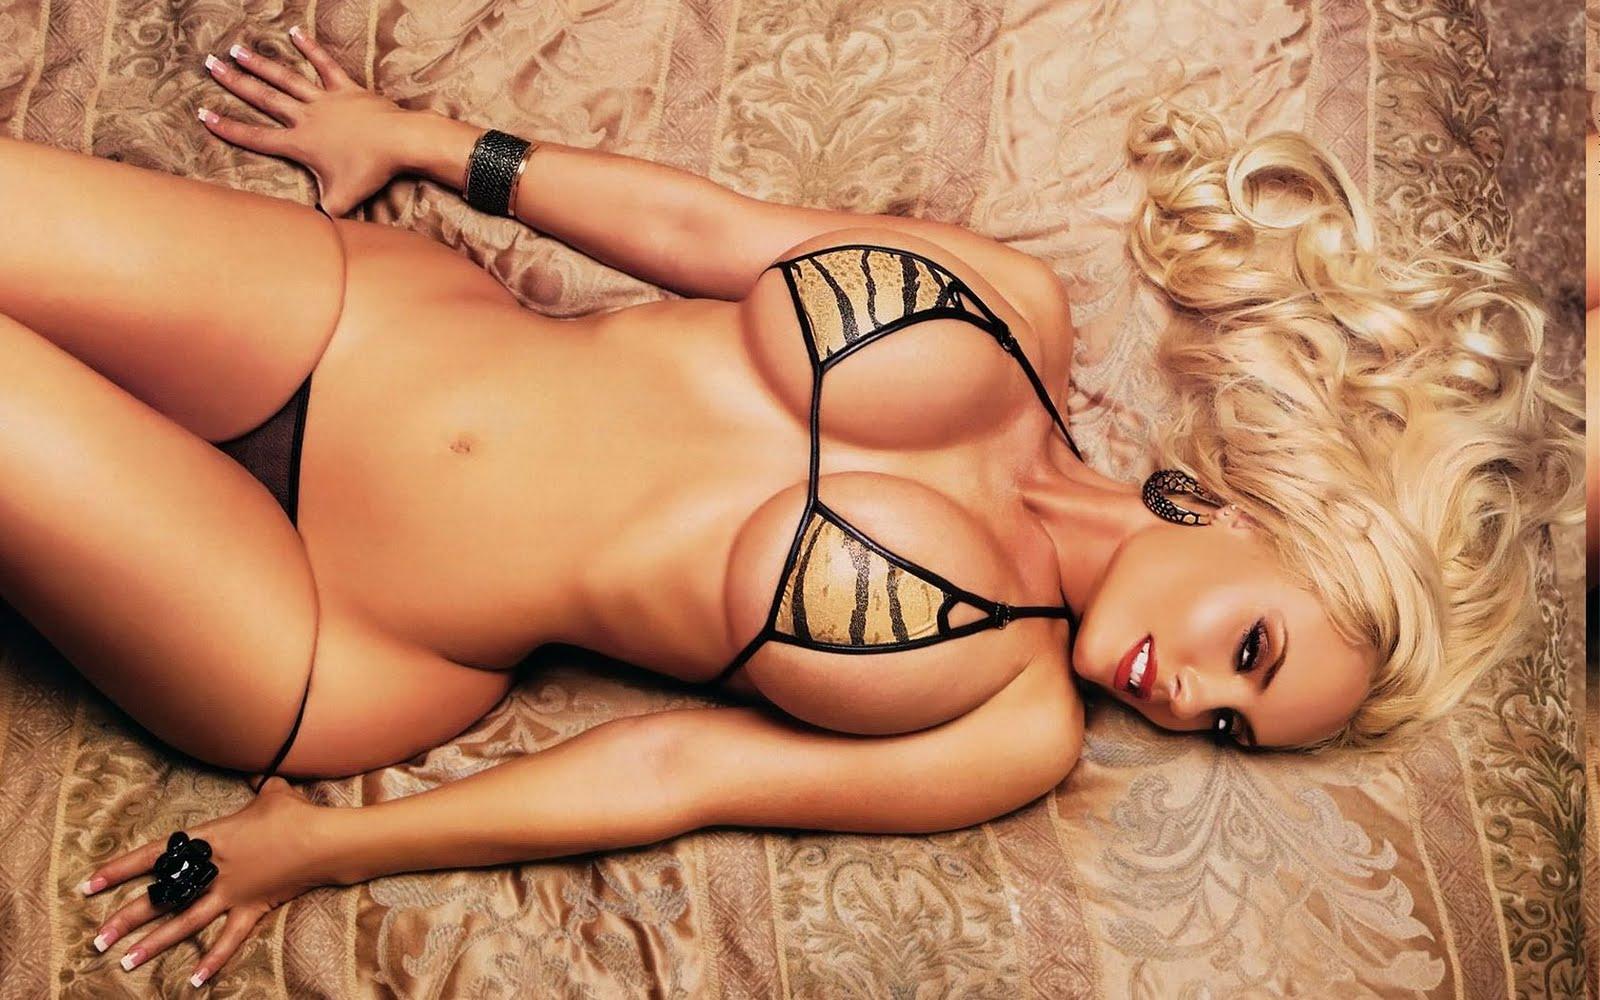 http://2.bp.blogspot.com/-4XFmpK5ULYw/TZFZWm90JVI/AAAAAAAACV8/bEfAFqroU_s/s1600/Sexy_HQ_Girls_Wallpapers_Set_B_25.jpg